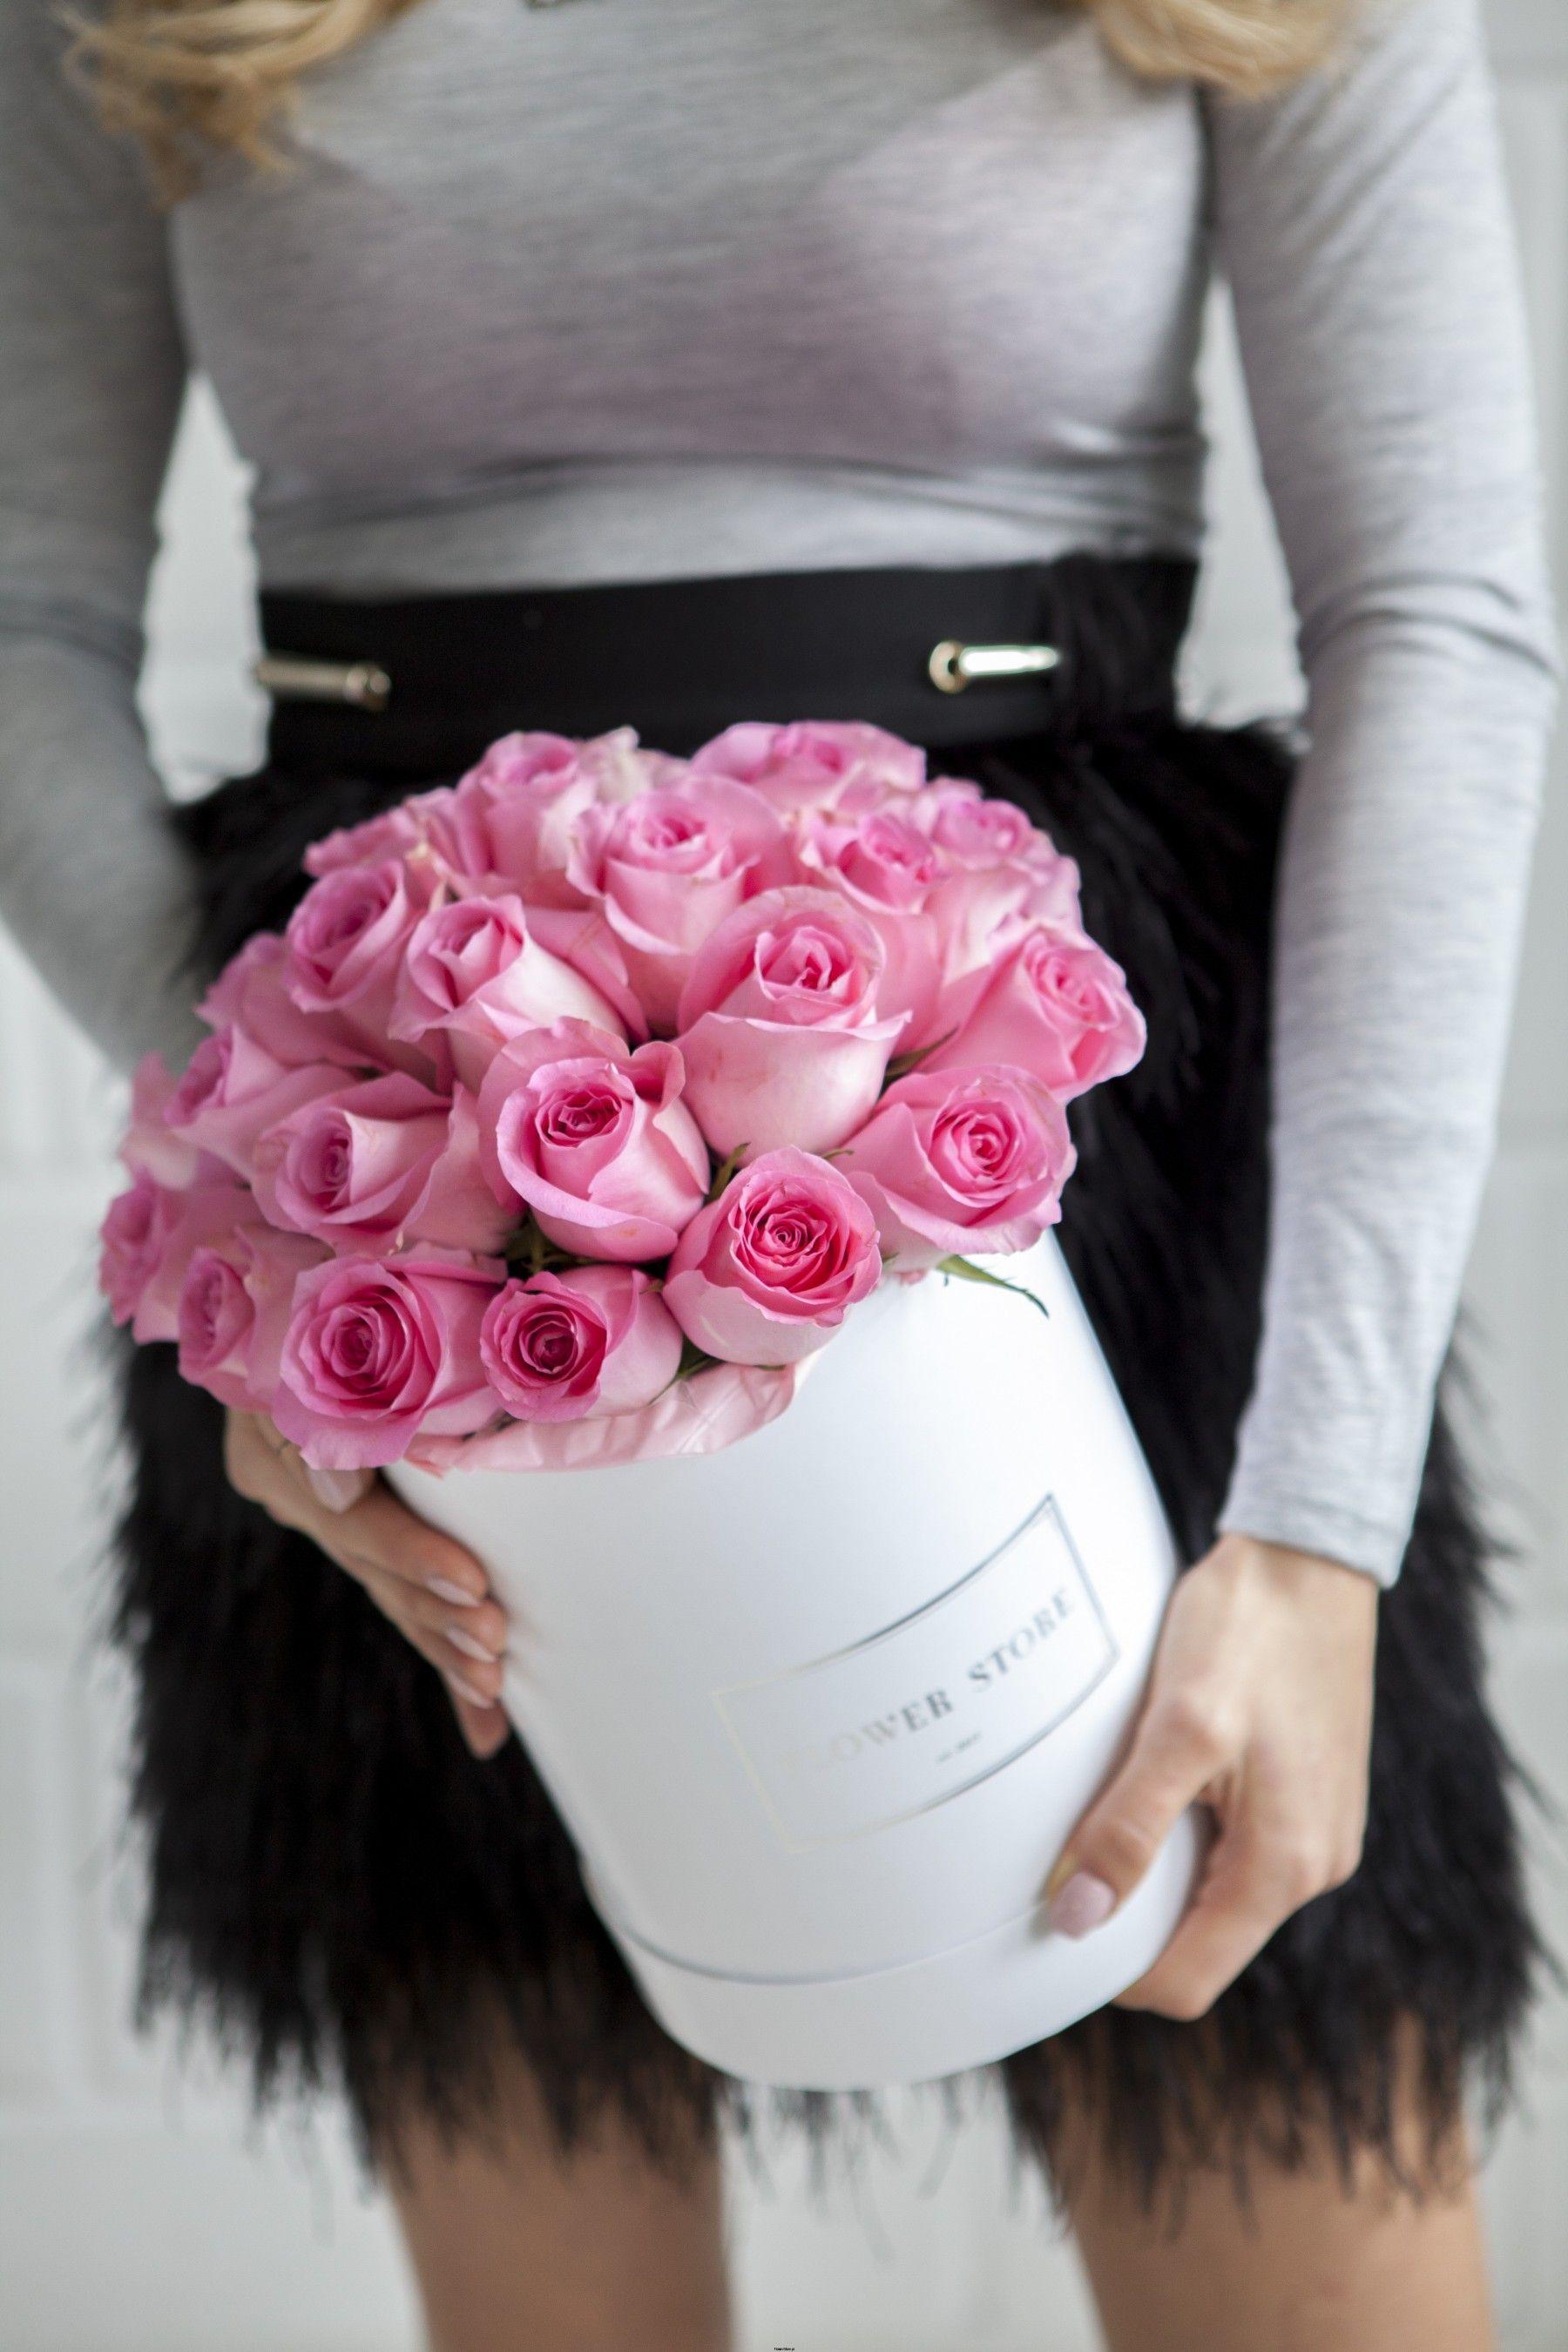 Flower Store Rozowe Roze W Duzym Bialym Pudelku Kompozycje Flower Boxes Trendy Flowers Box Roses